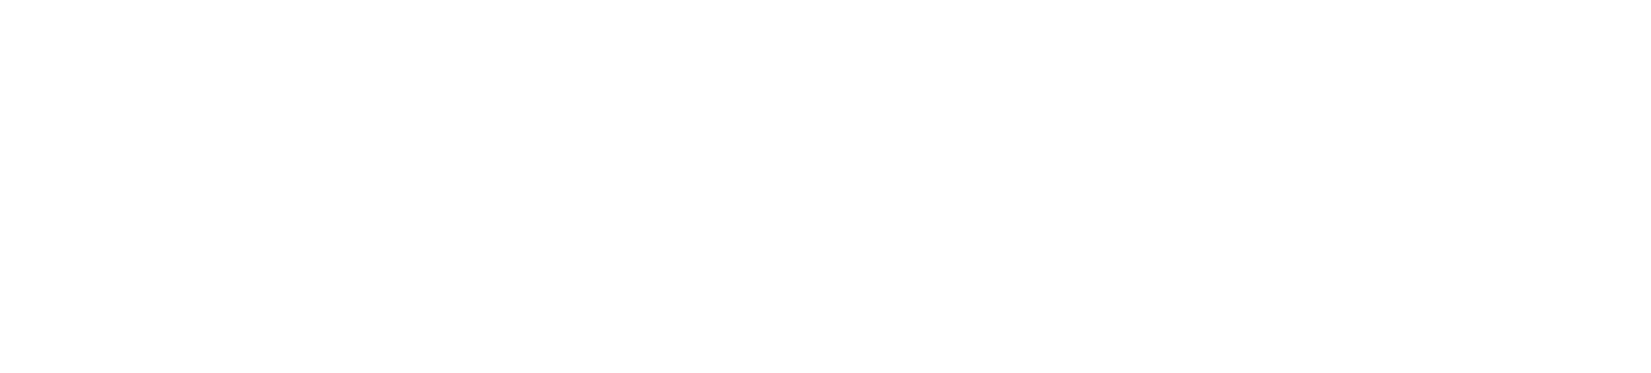 Marina Lupi - Psicologa Psicoterapeuta a Casalmaggiore